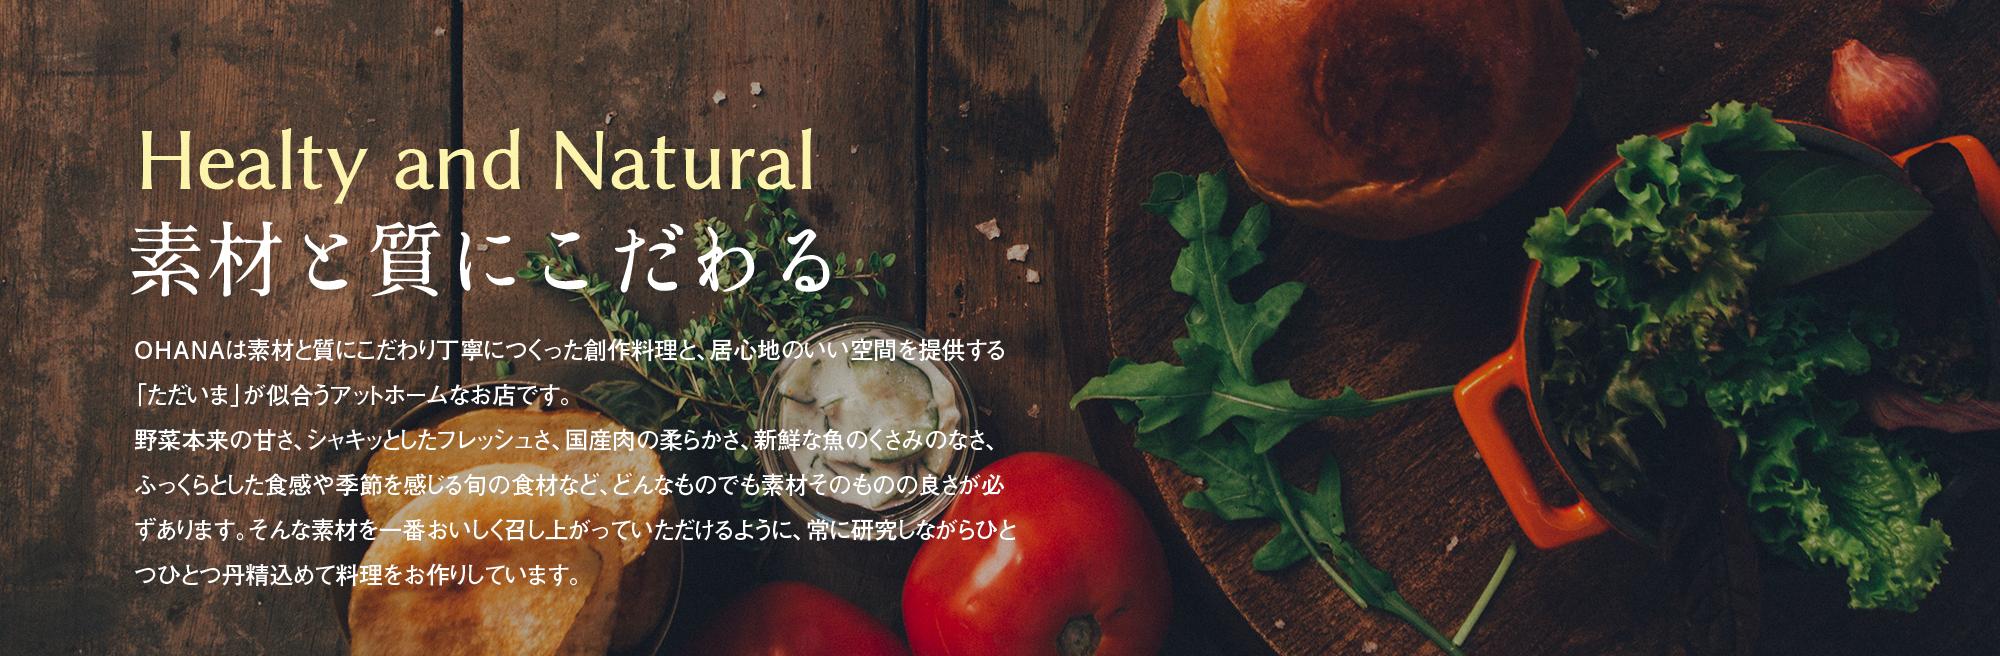 Healty and Natural 健康は食事から